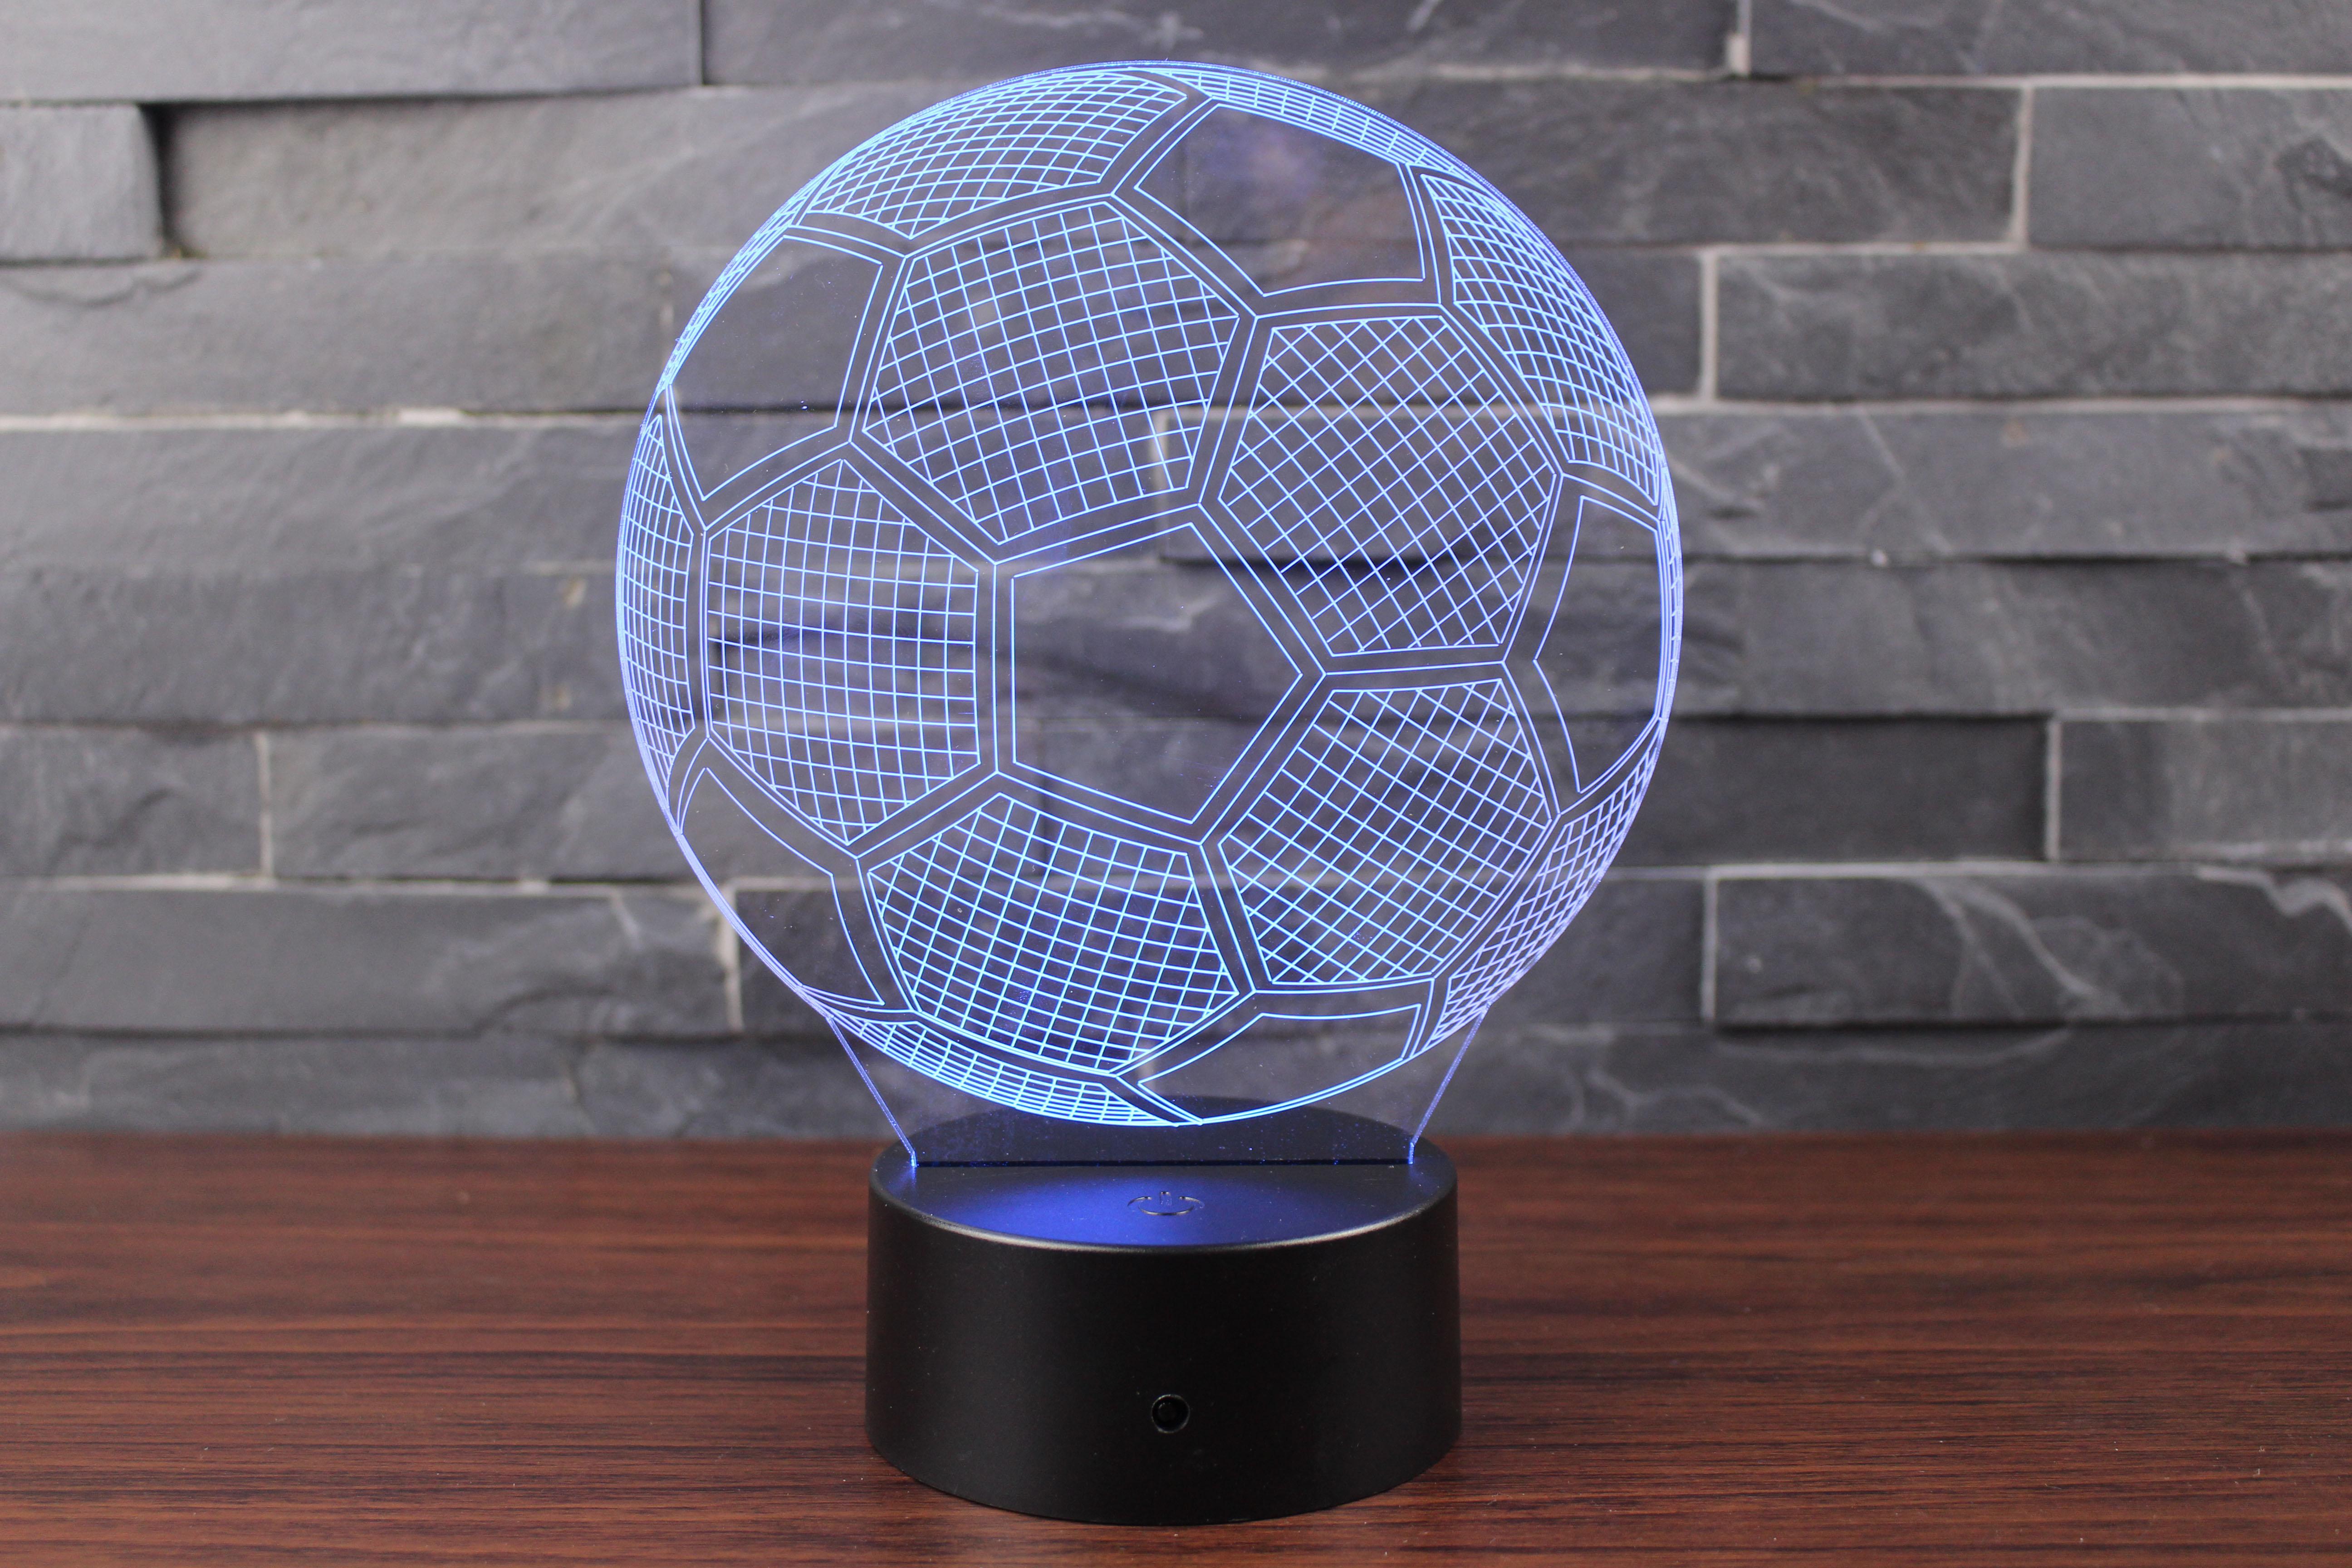 Stéréo De Football Créative Noyau Lampe Plume Avec 3d Même Thème Monde Cadeau La Led Qui Du Nuit Coupe Personnalité Tremble Le qVpSMGLUz